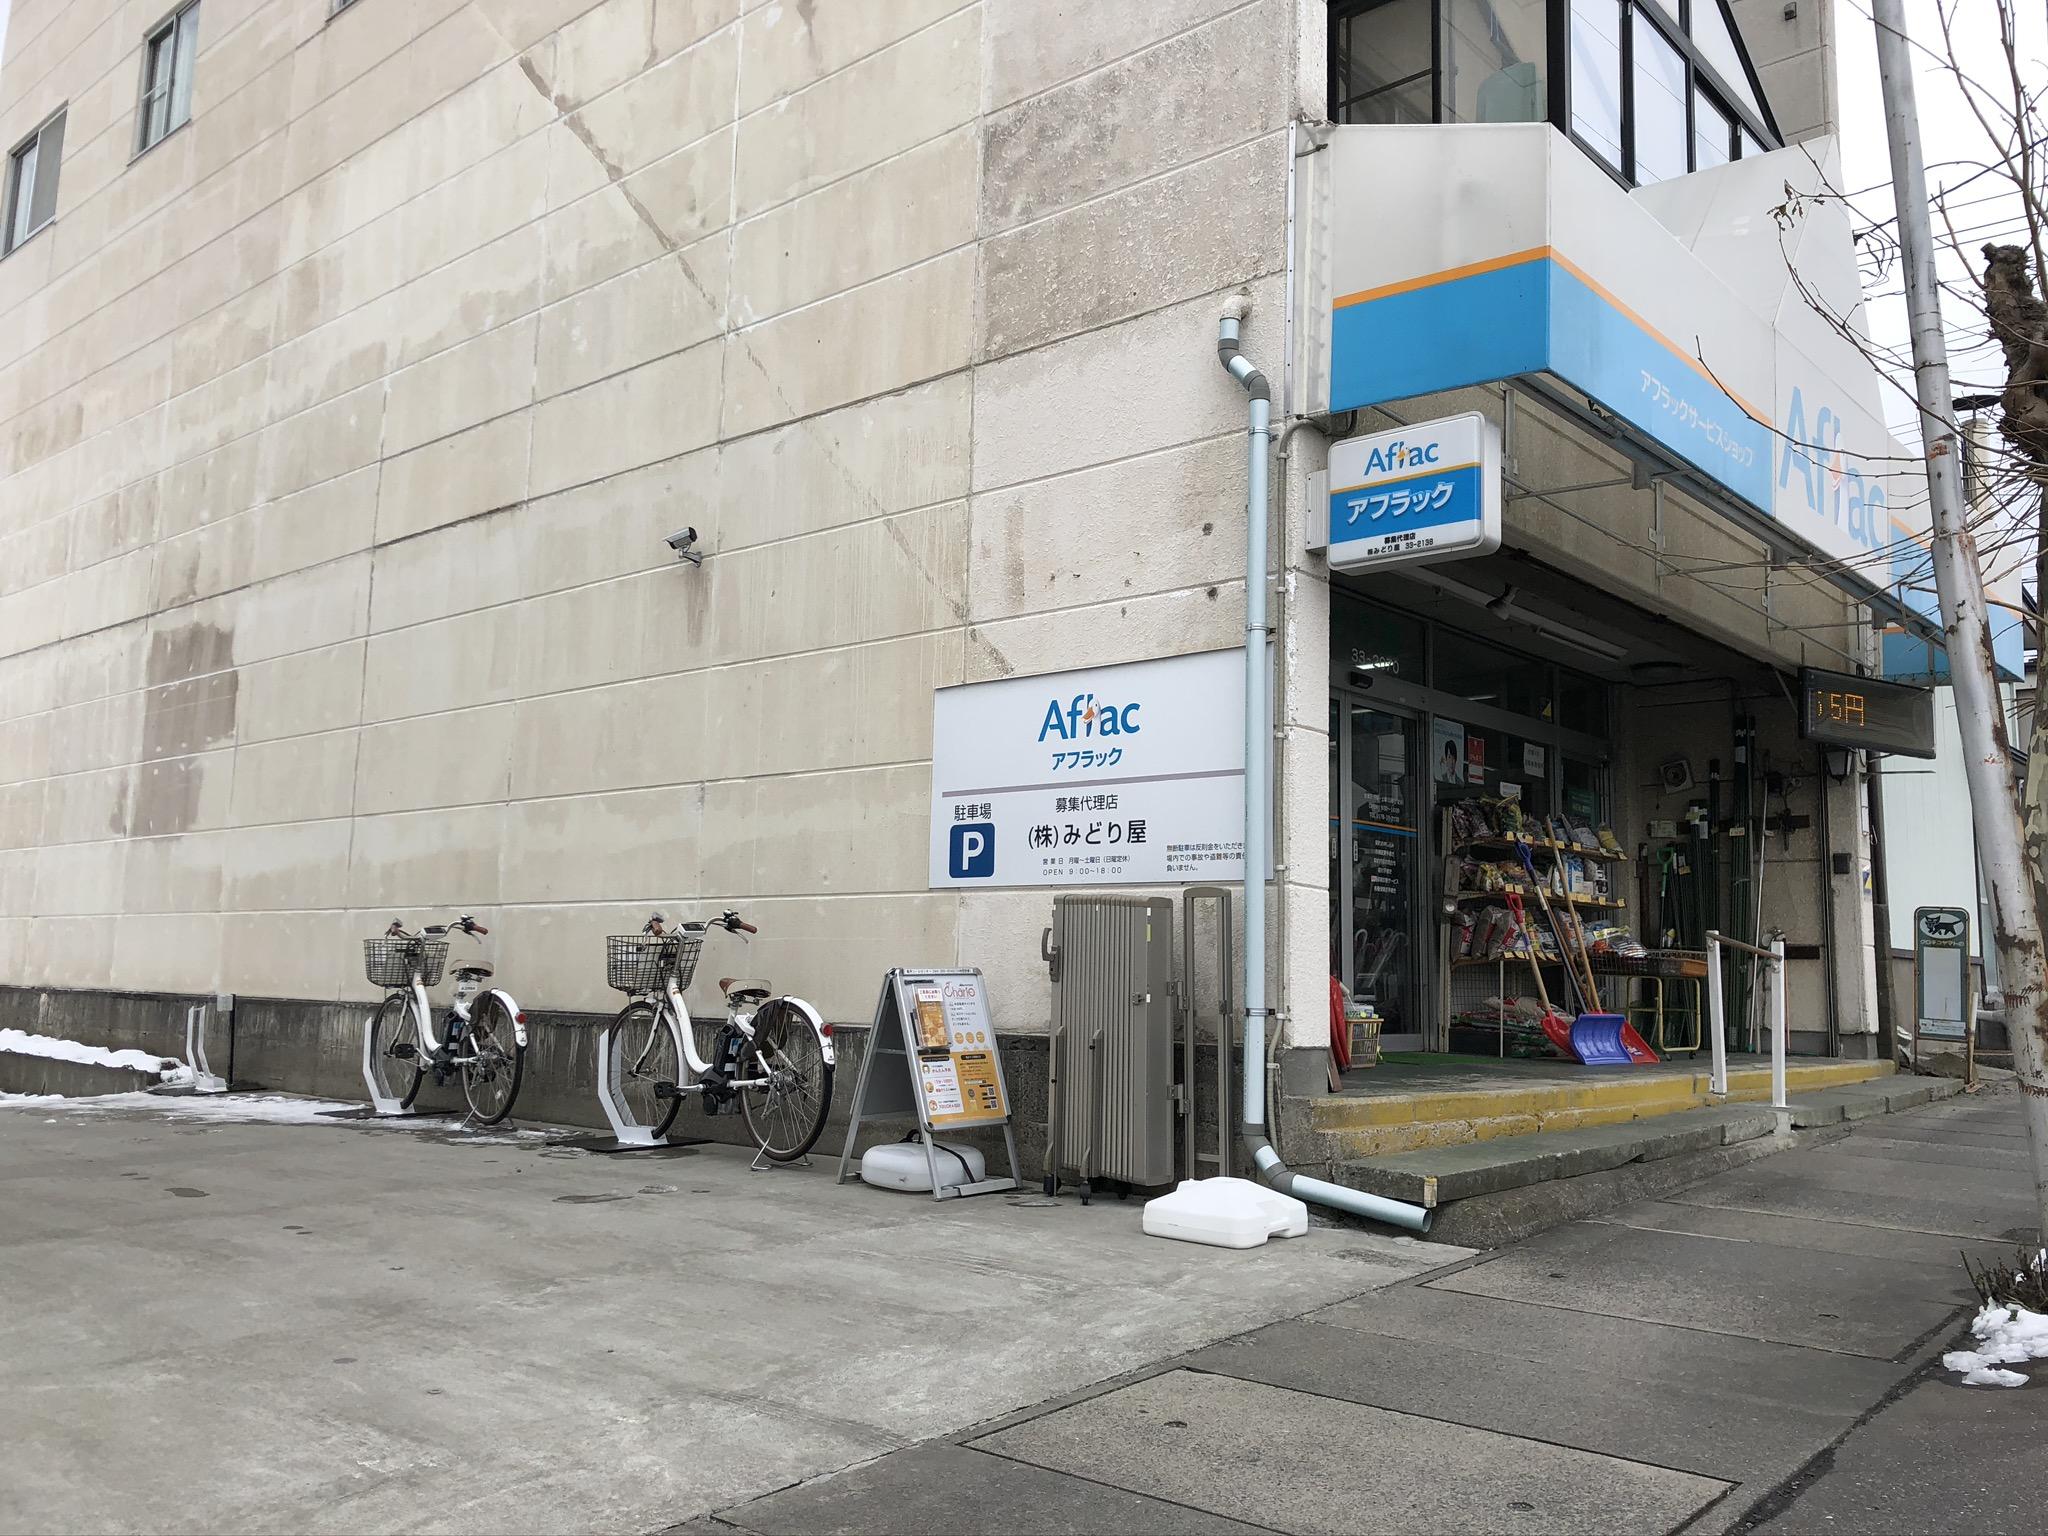 アフラックサービスショップ八戸東鮫店 (HELLO CYCLING ポート) image